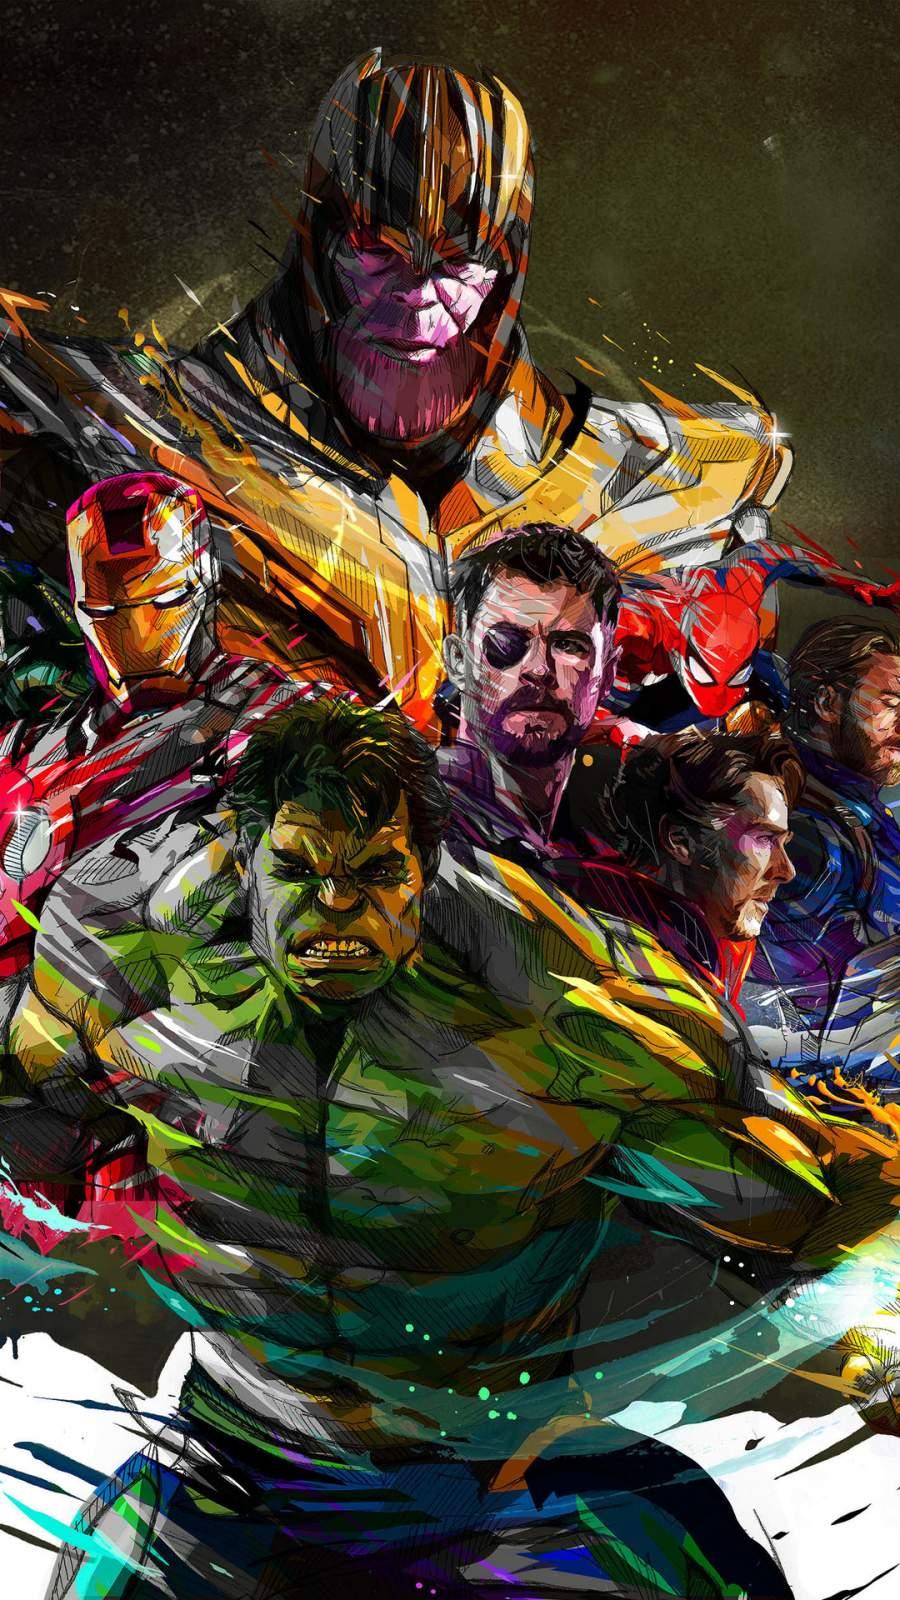 Marvel Avengers Art Poster iPhone Wallpaper